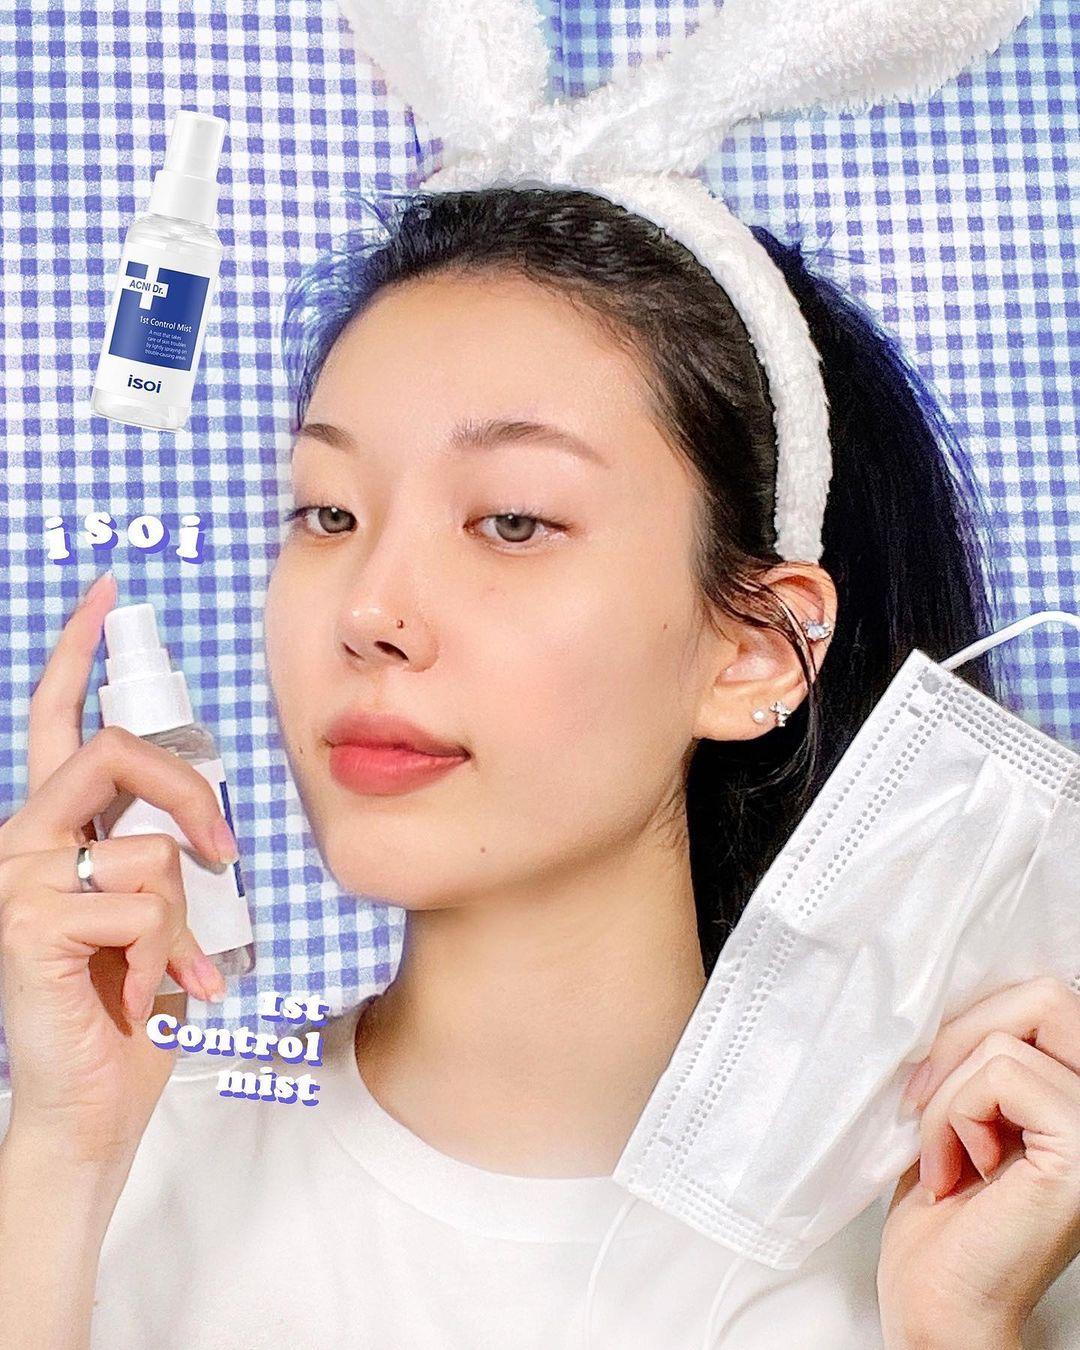 Áp dụng 4 tips này khi rửa mặt, đến Tết, da sẽ mịn căng, lỗ chân lông cũng nhỏ mịn hẳn - Hình 2